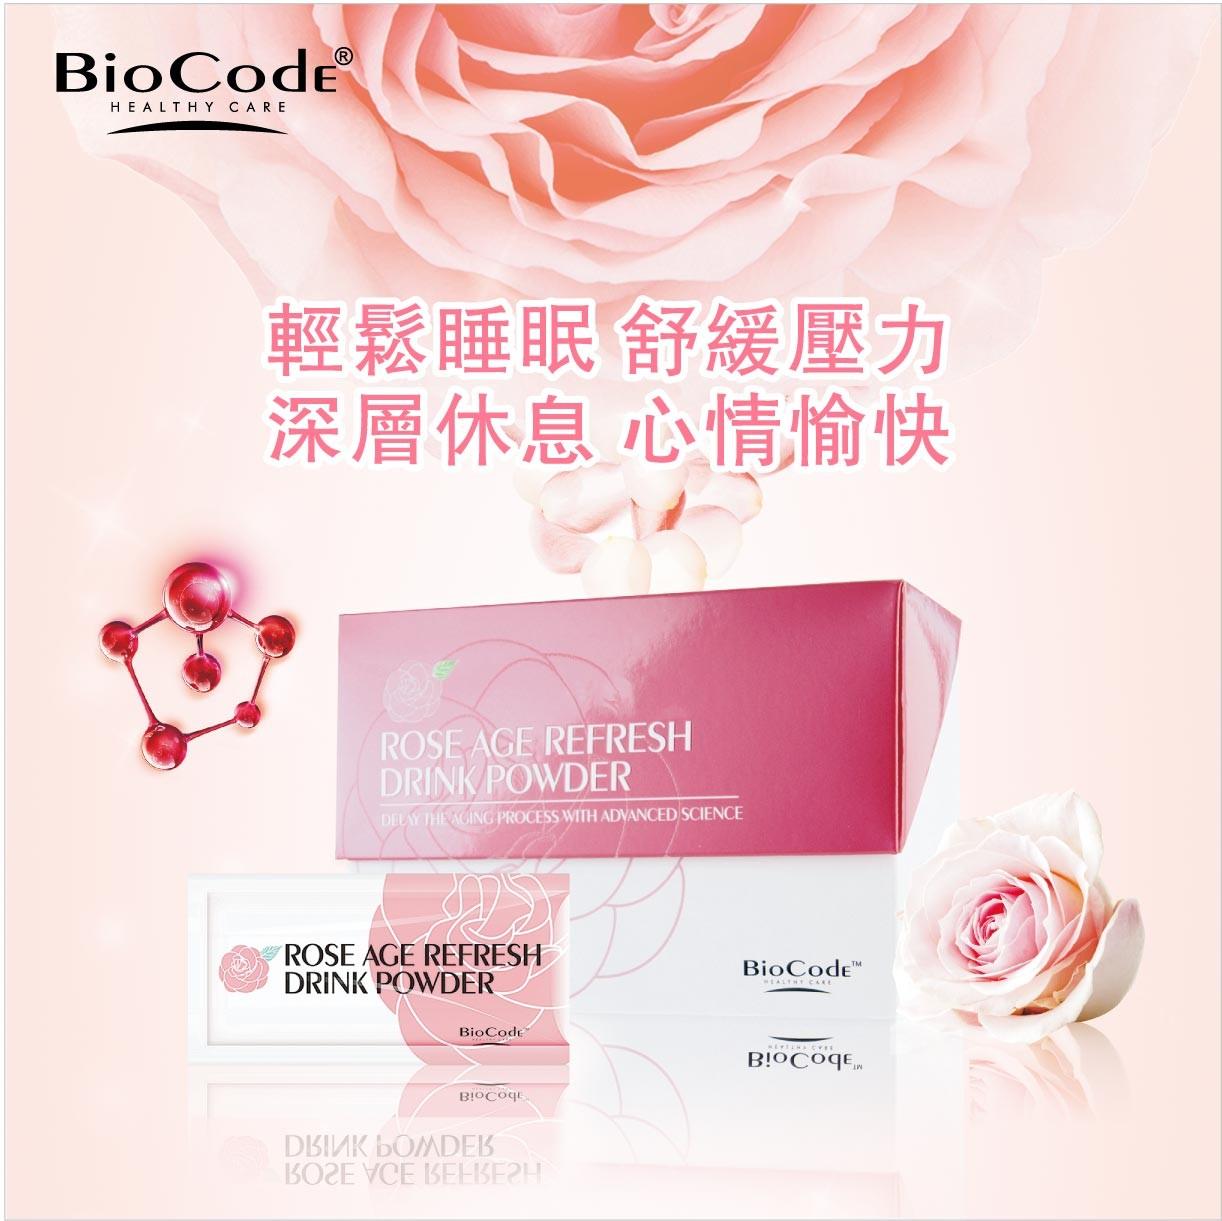 BioCode 玫瑰舒眠飲